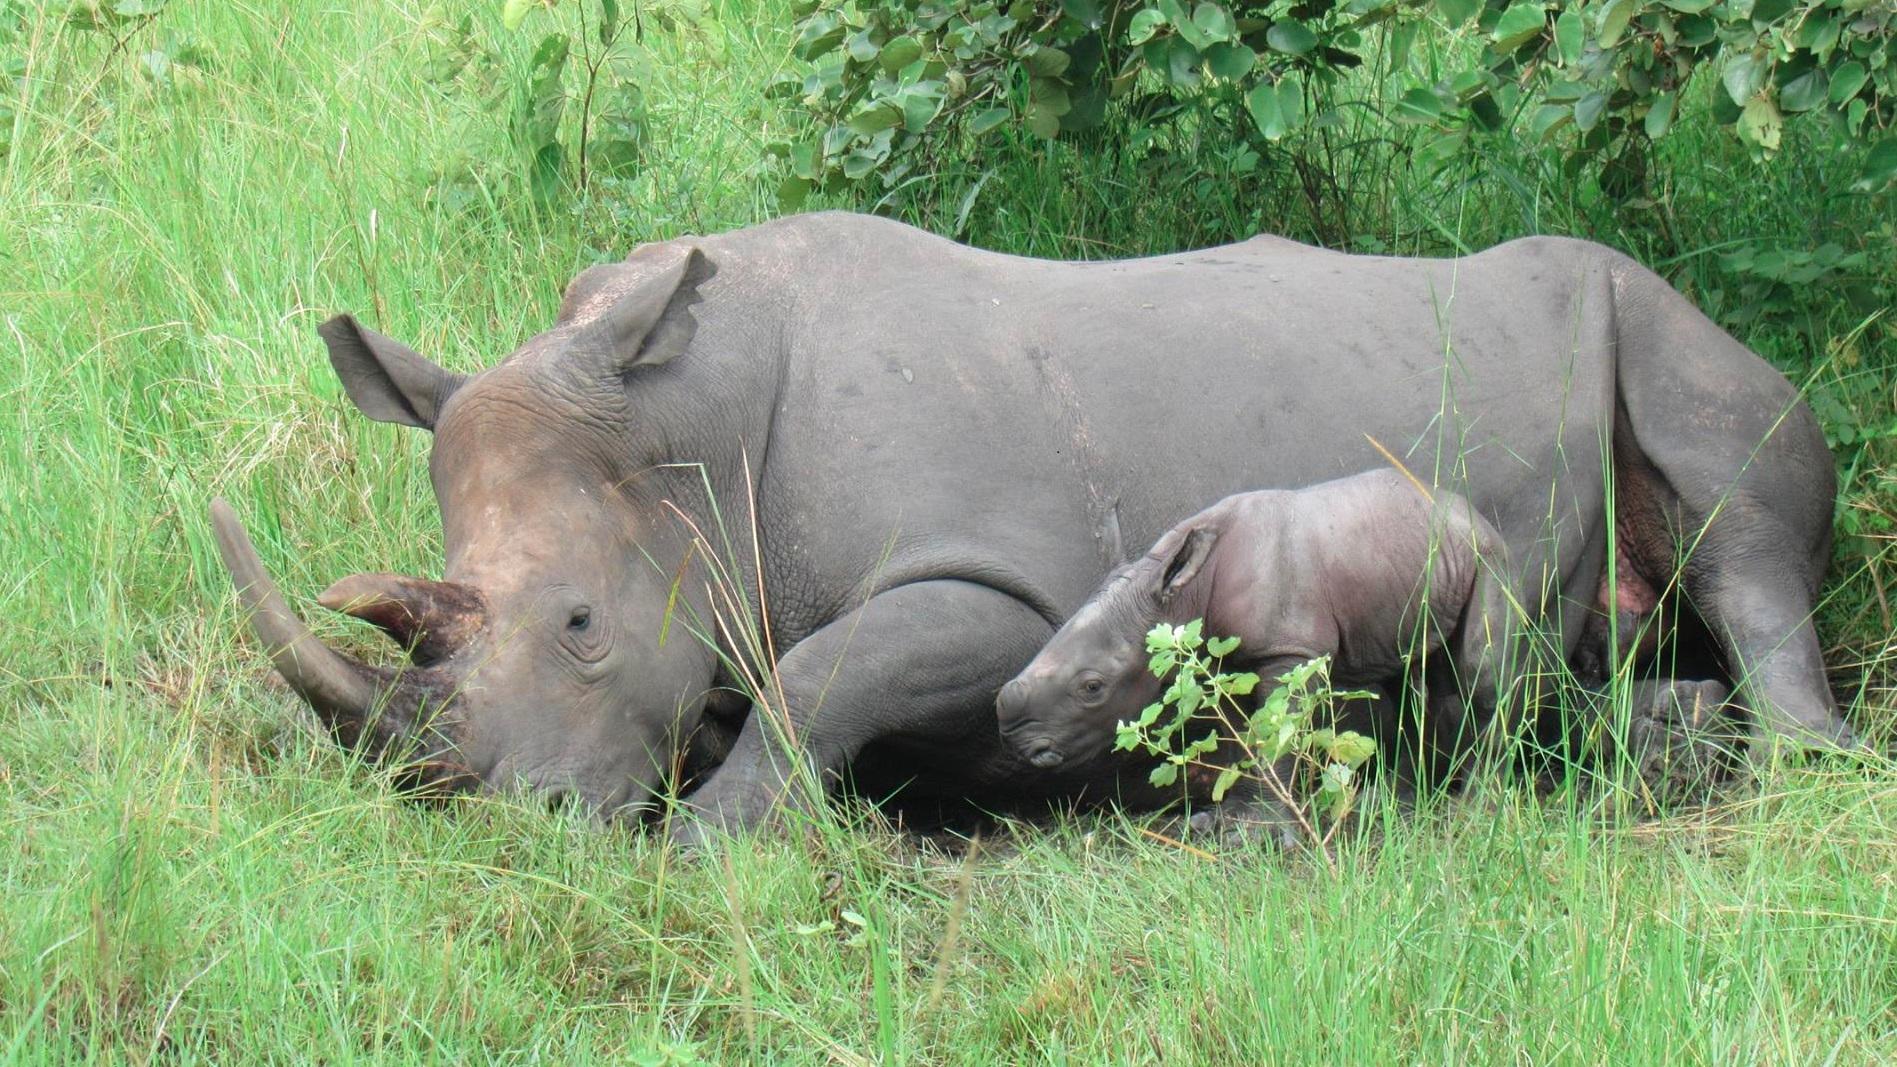 Ein Schwerpunktprojekt des Zoos Augsburg liegt seit vielen Jahren in der Unterstützung von Schutzmaßnahmen für das Breitmaulnashorn in Uganda. | Barbara Jantschke, Zoo Augsburg